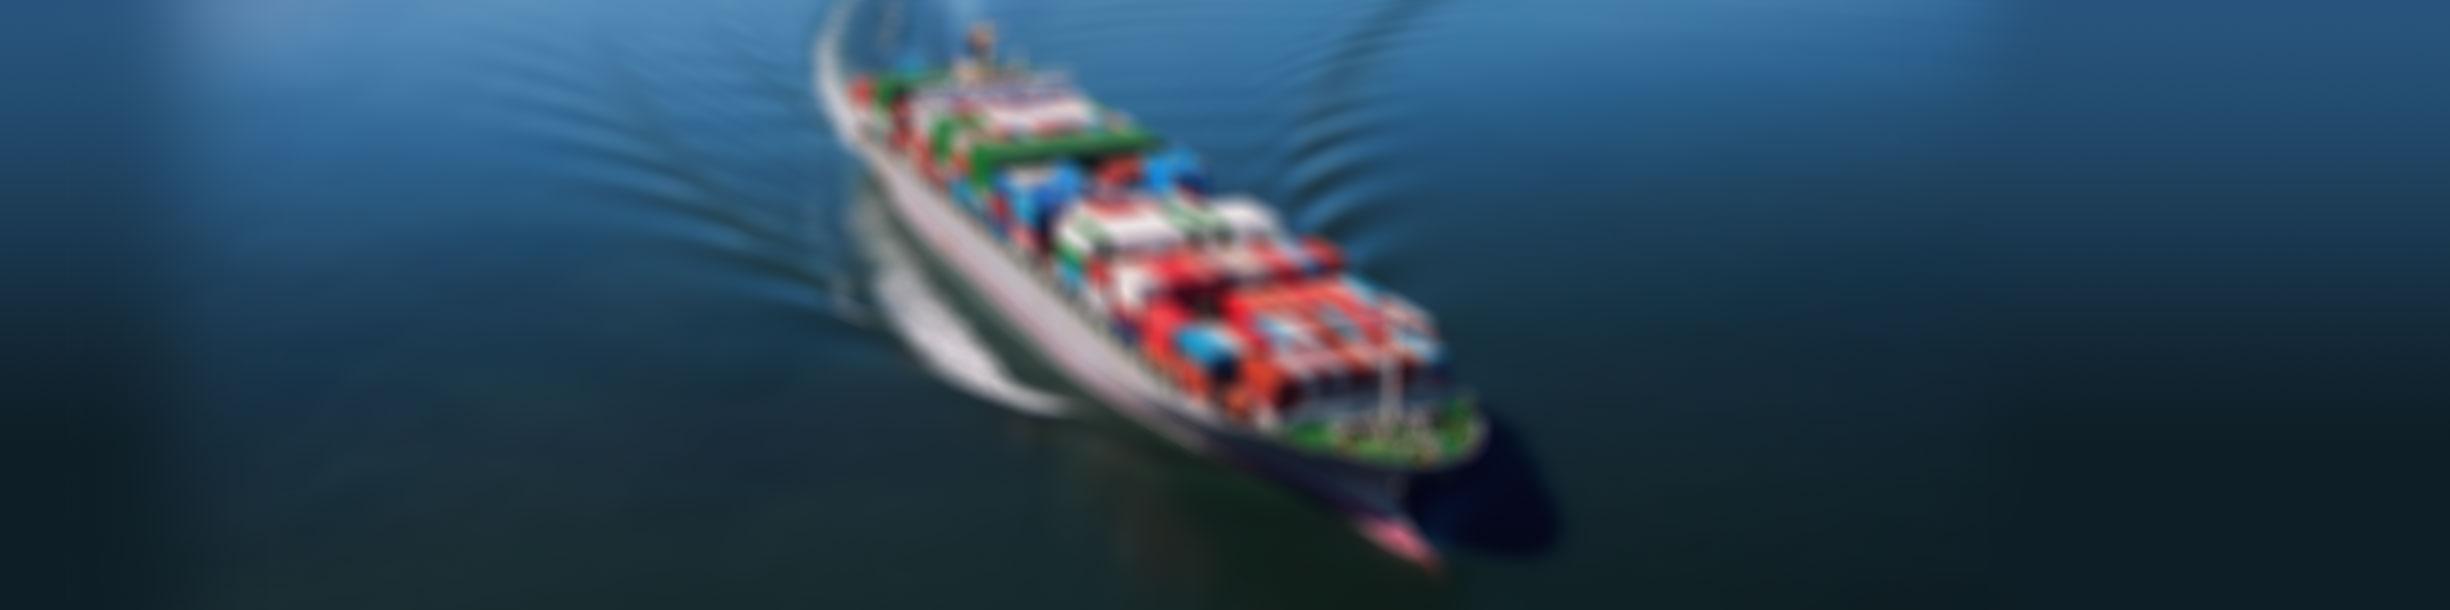 containerschiff-unscharf-slider